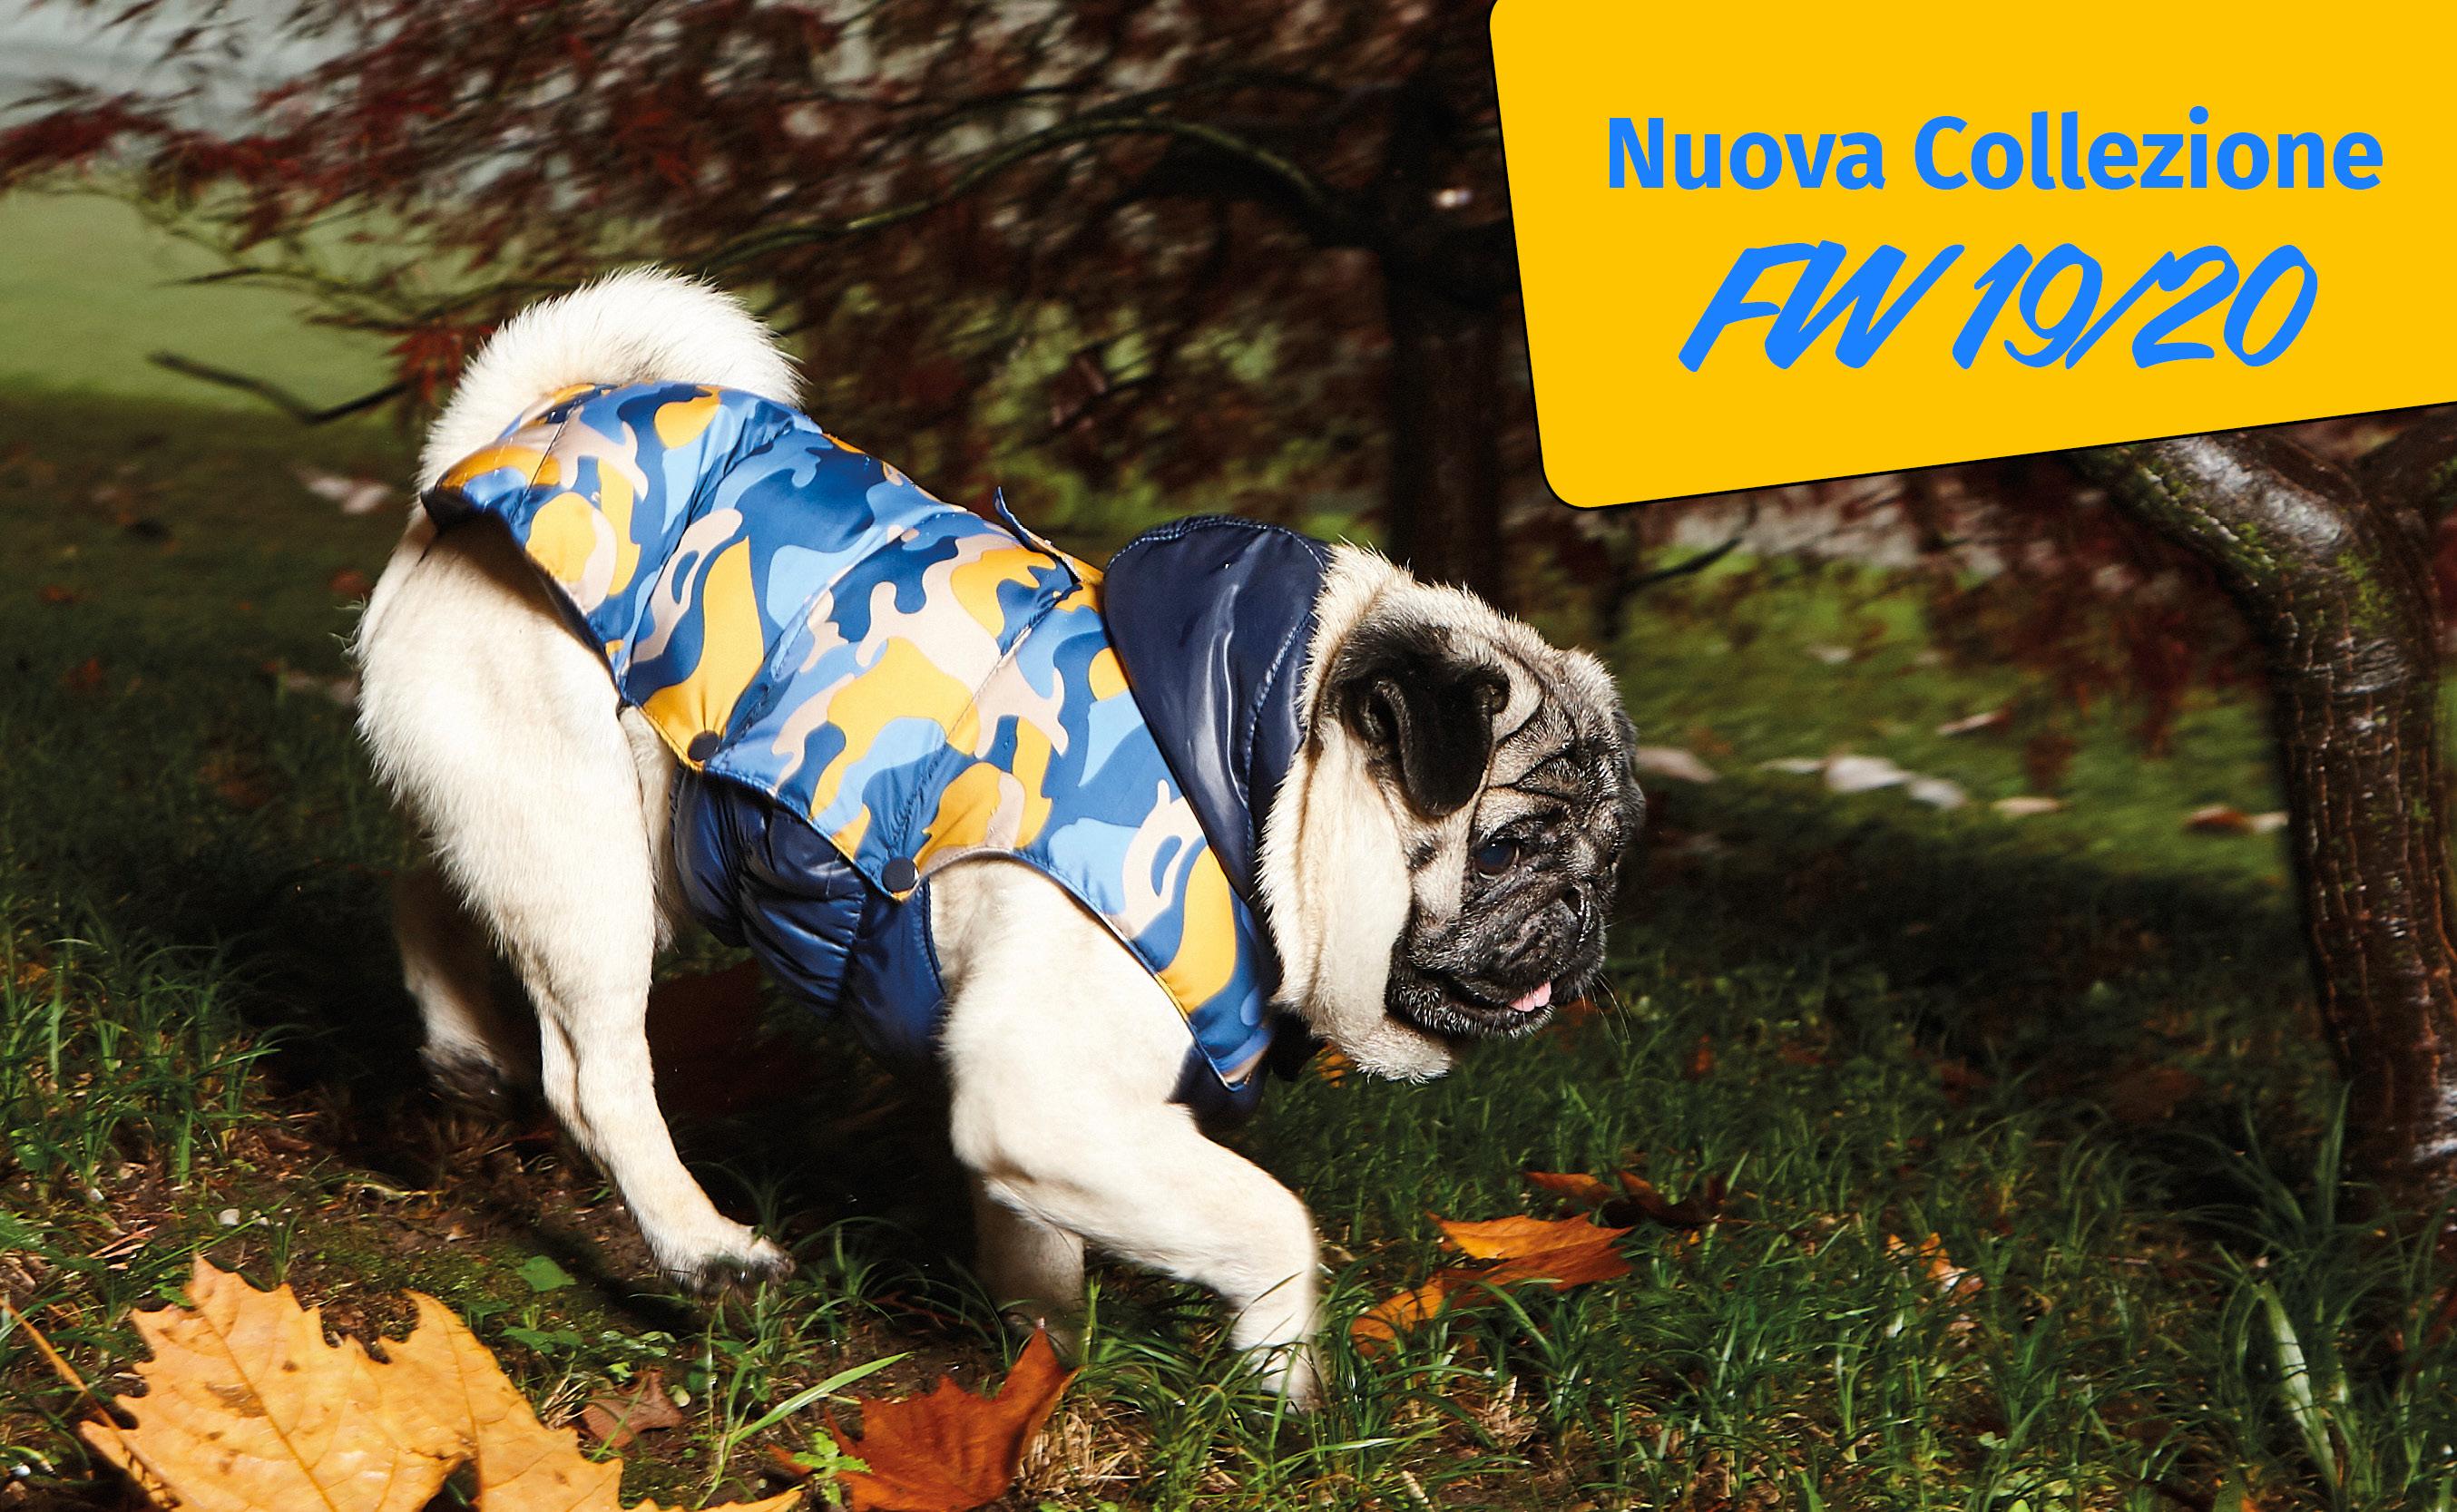 Nuova collezione... i cappottini 2019 per cane!